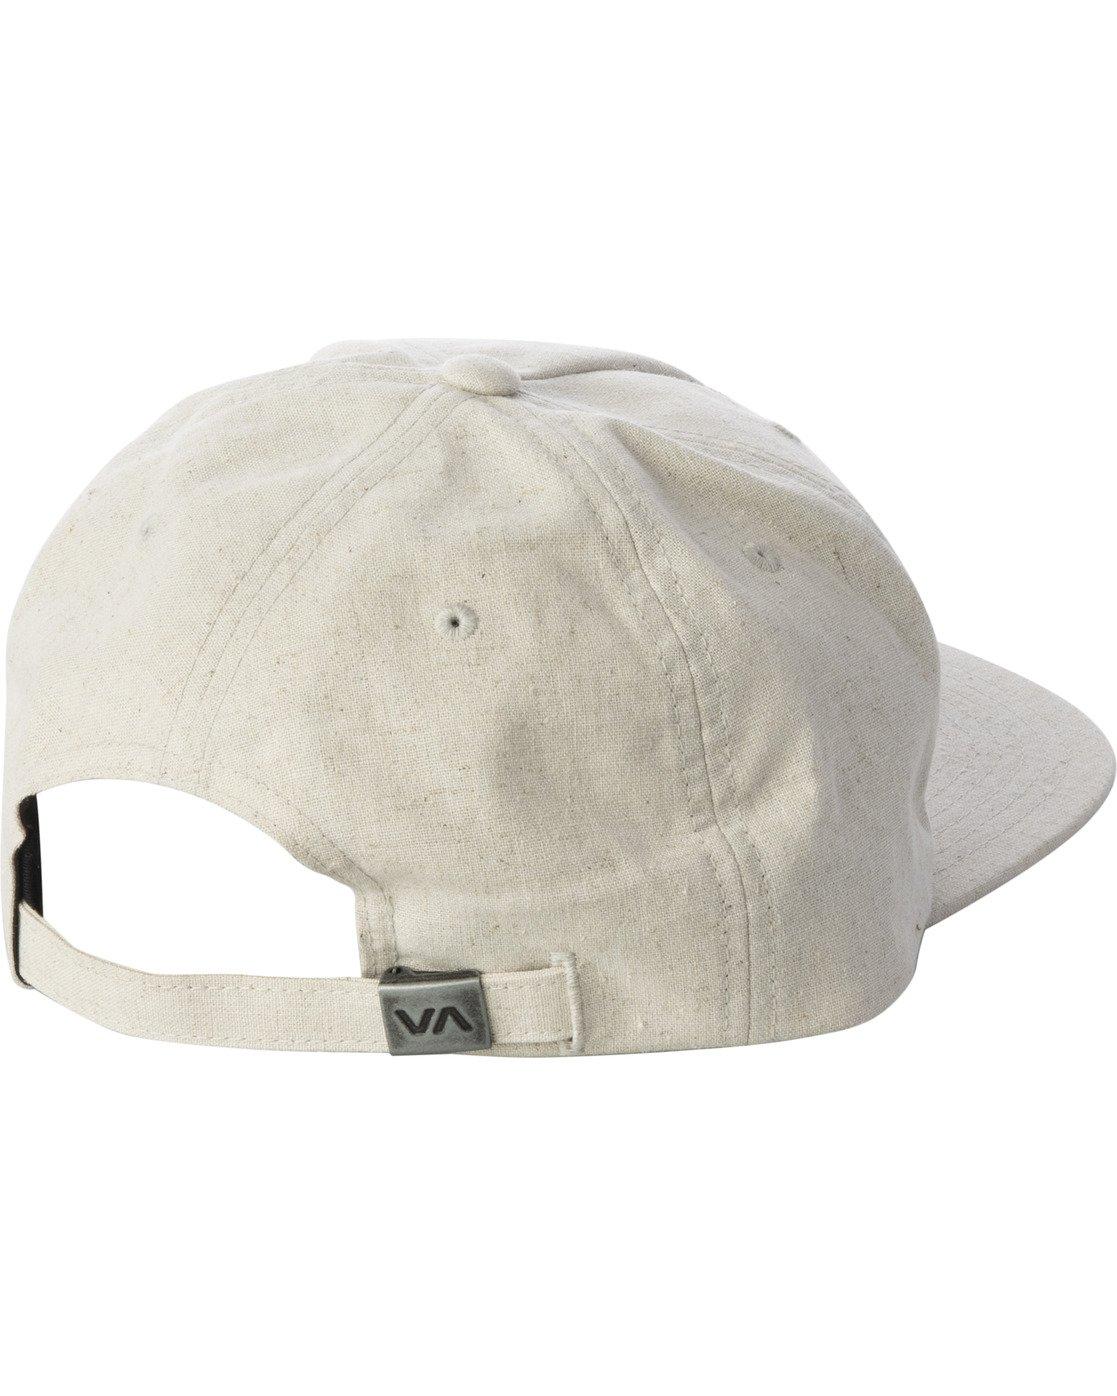 2 MAIN SNAPBACK HAT White AVYHA00184 RVCA